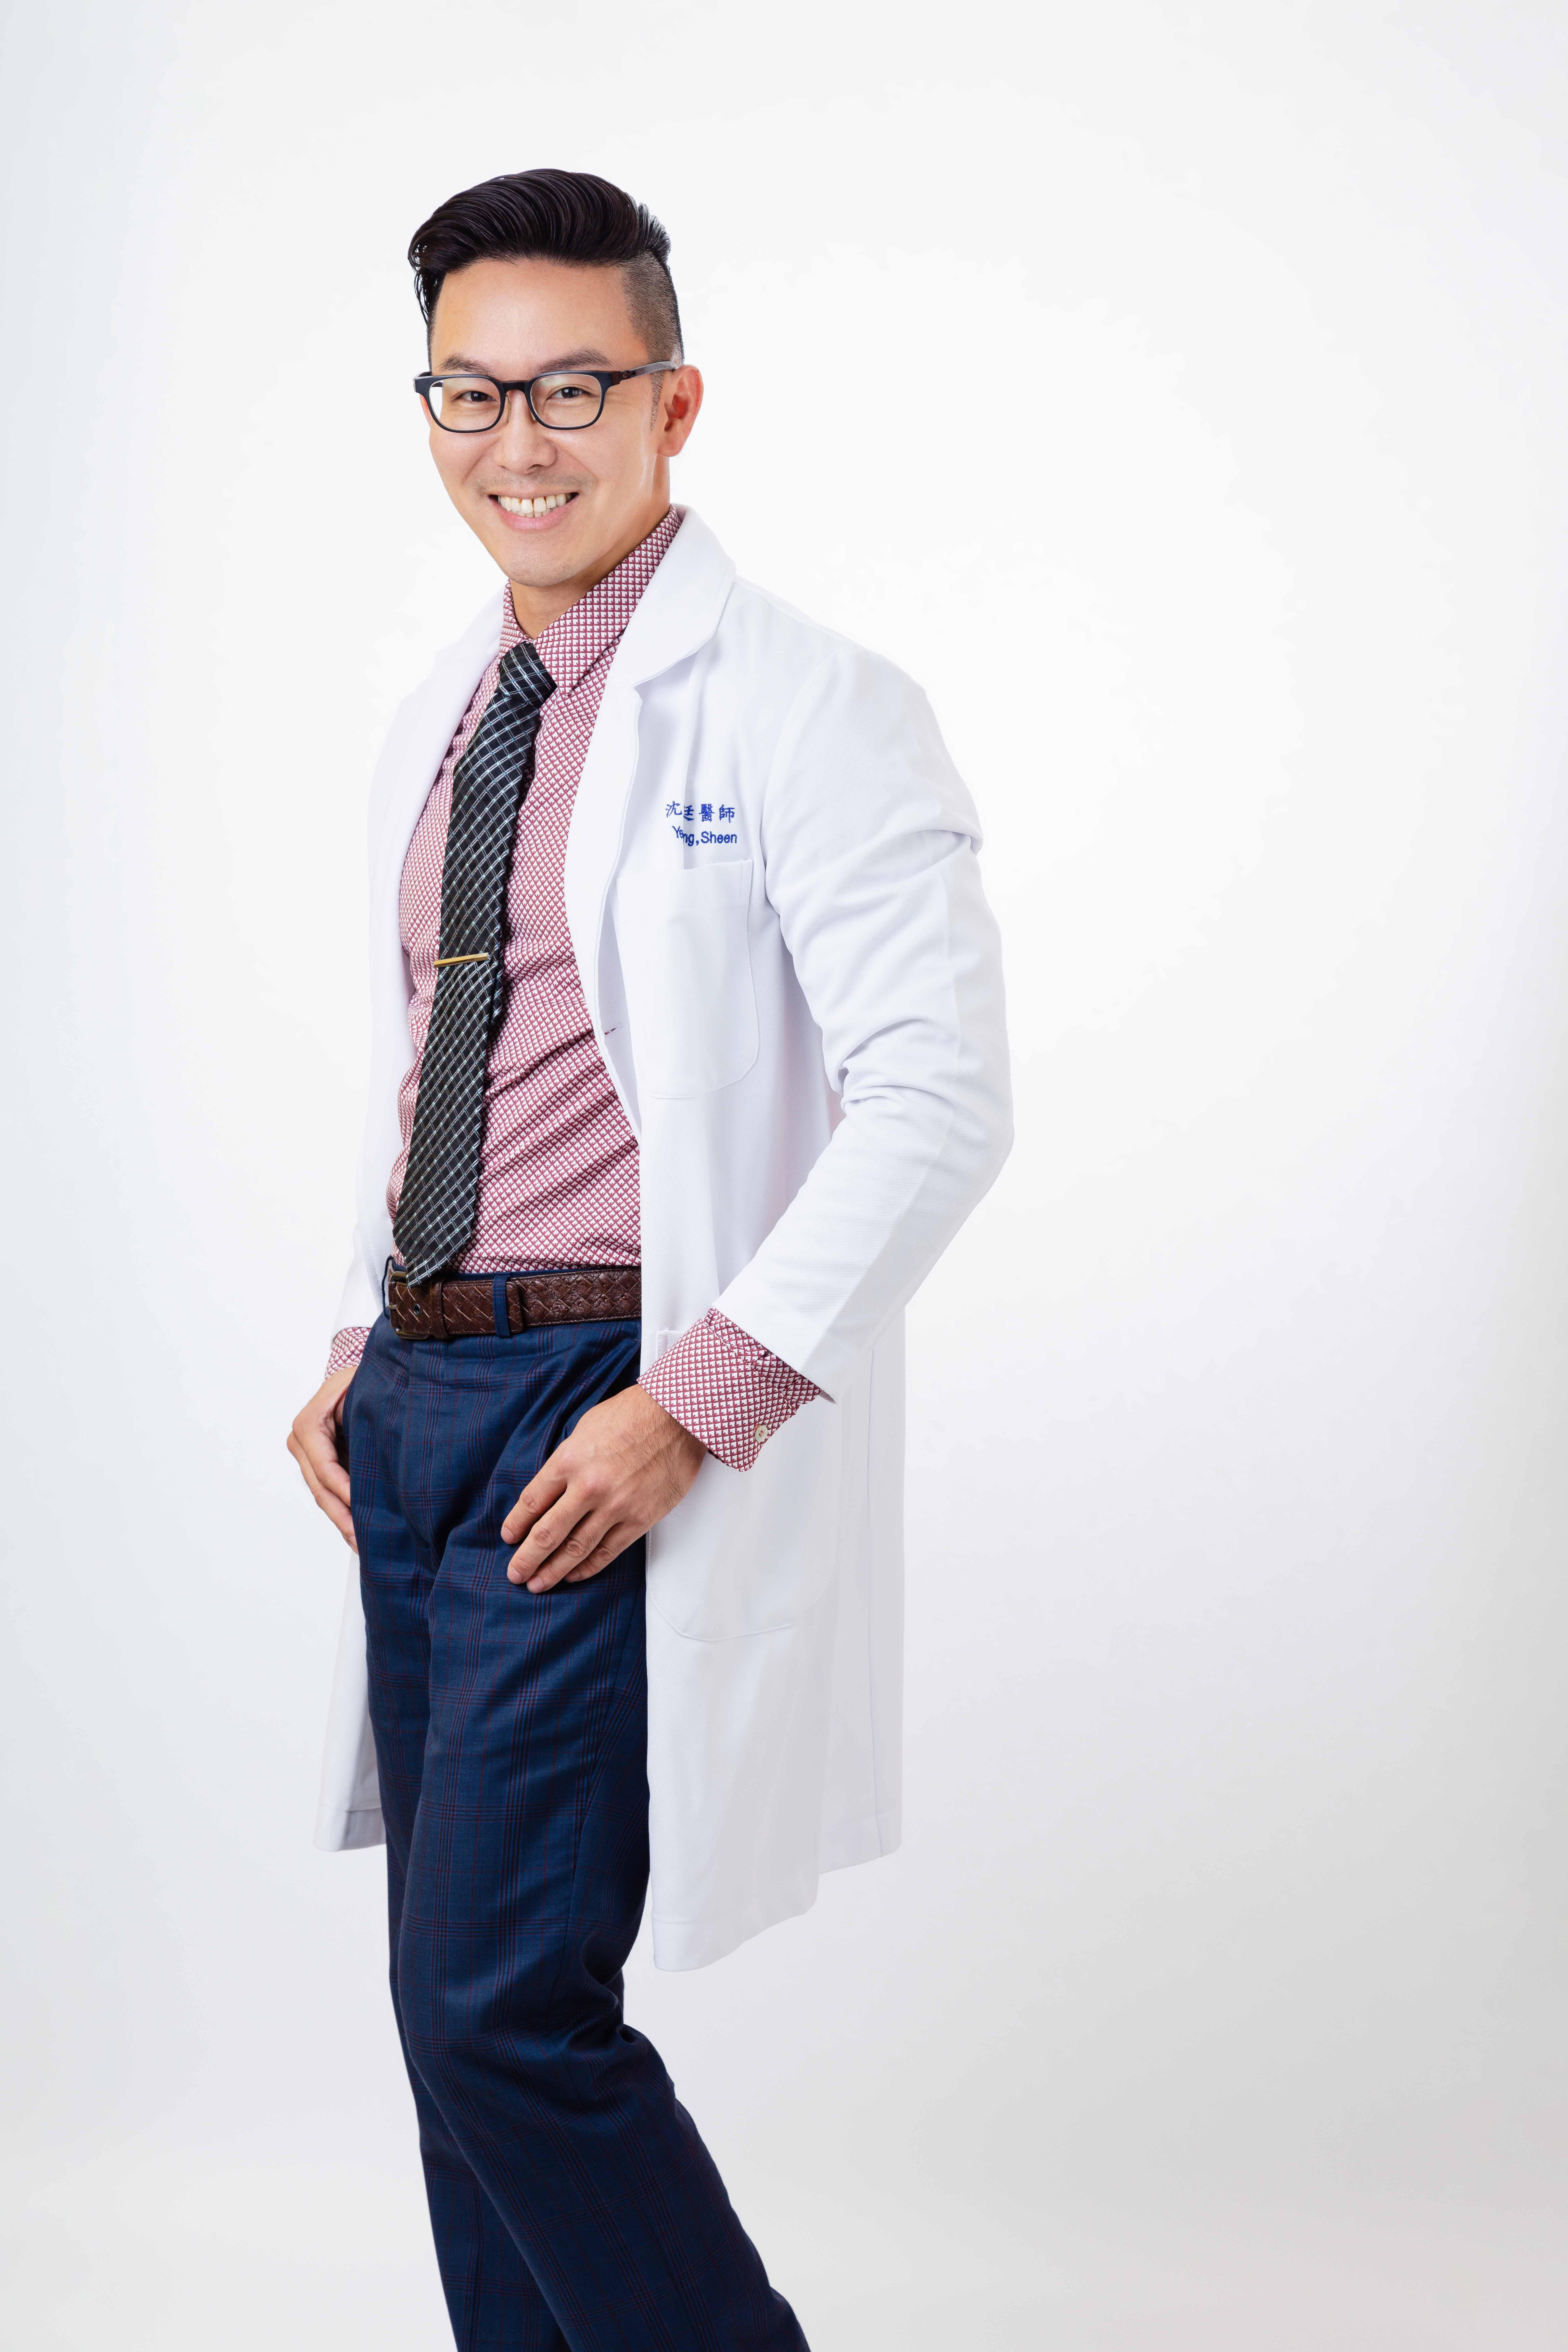 台北萊佳形象美學診所沈彥廷醫師